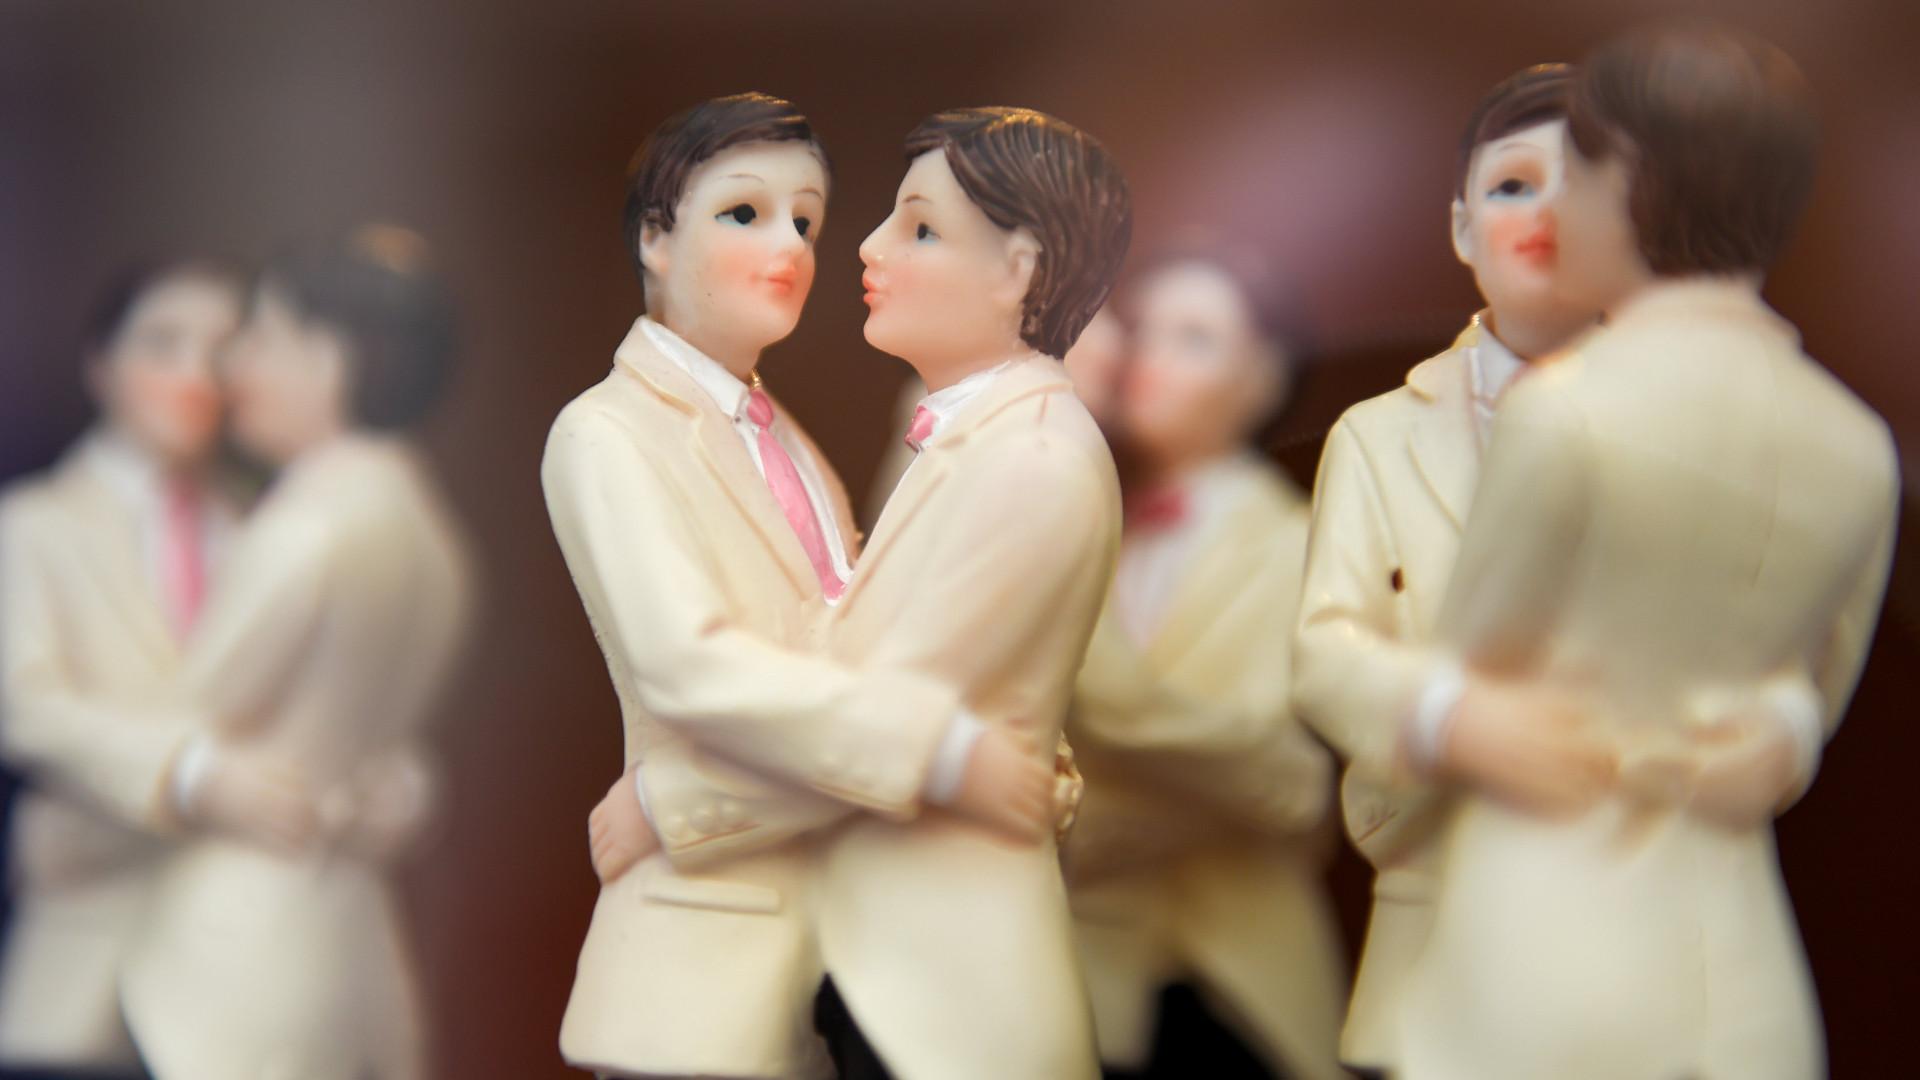 Backer In Den Usa Darf Schwulem Paar Eine Hochzeitstorte Verweigern